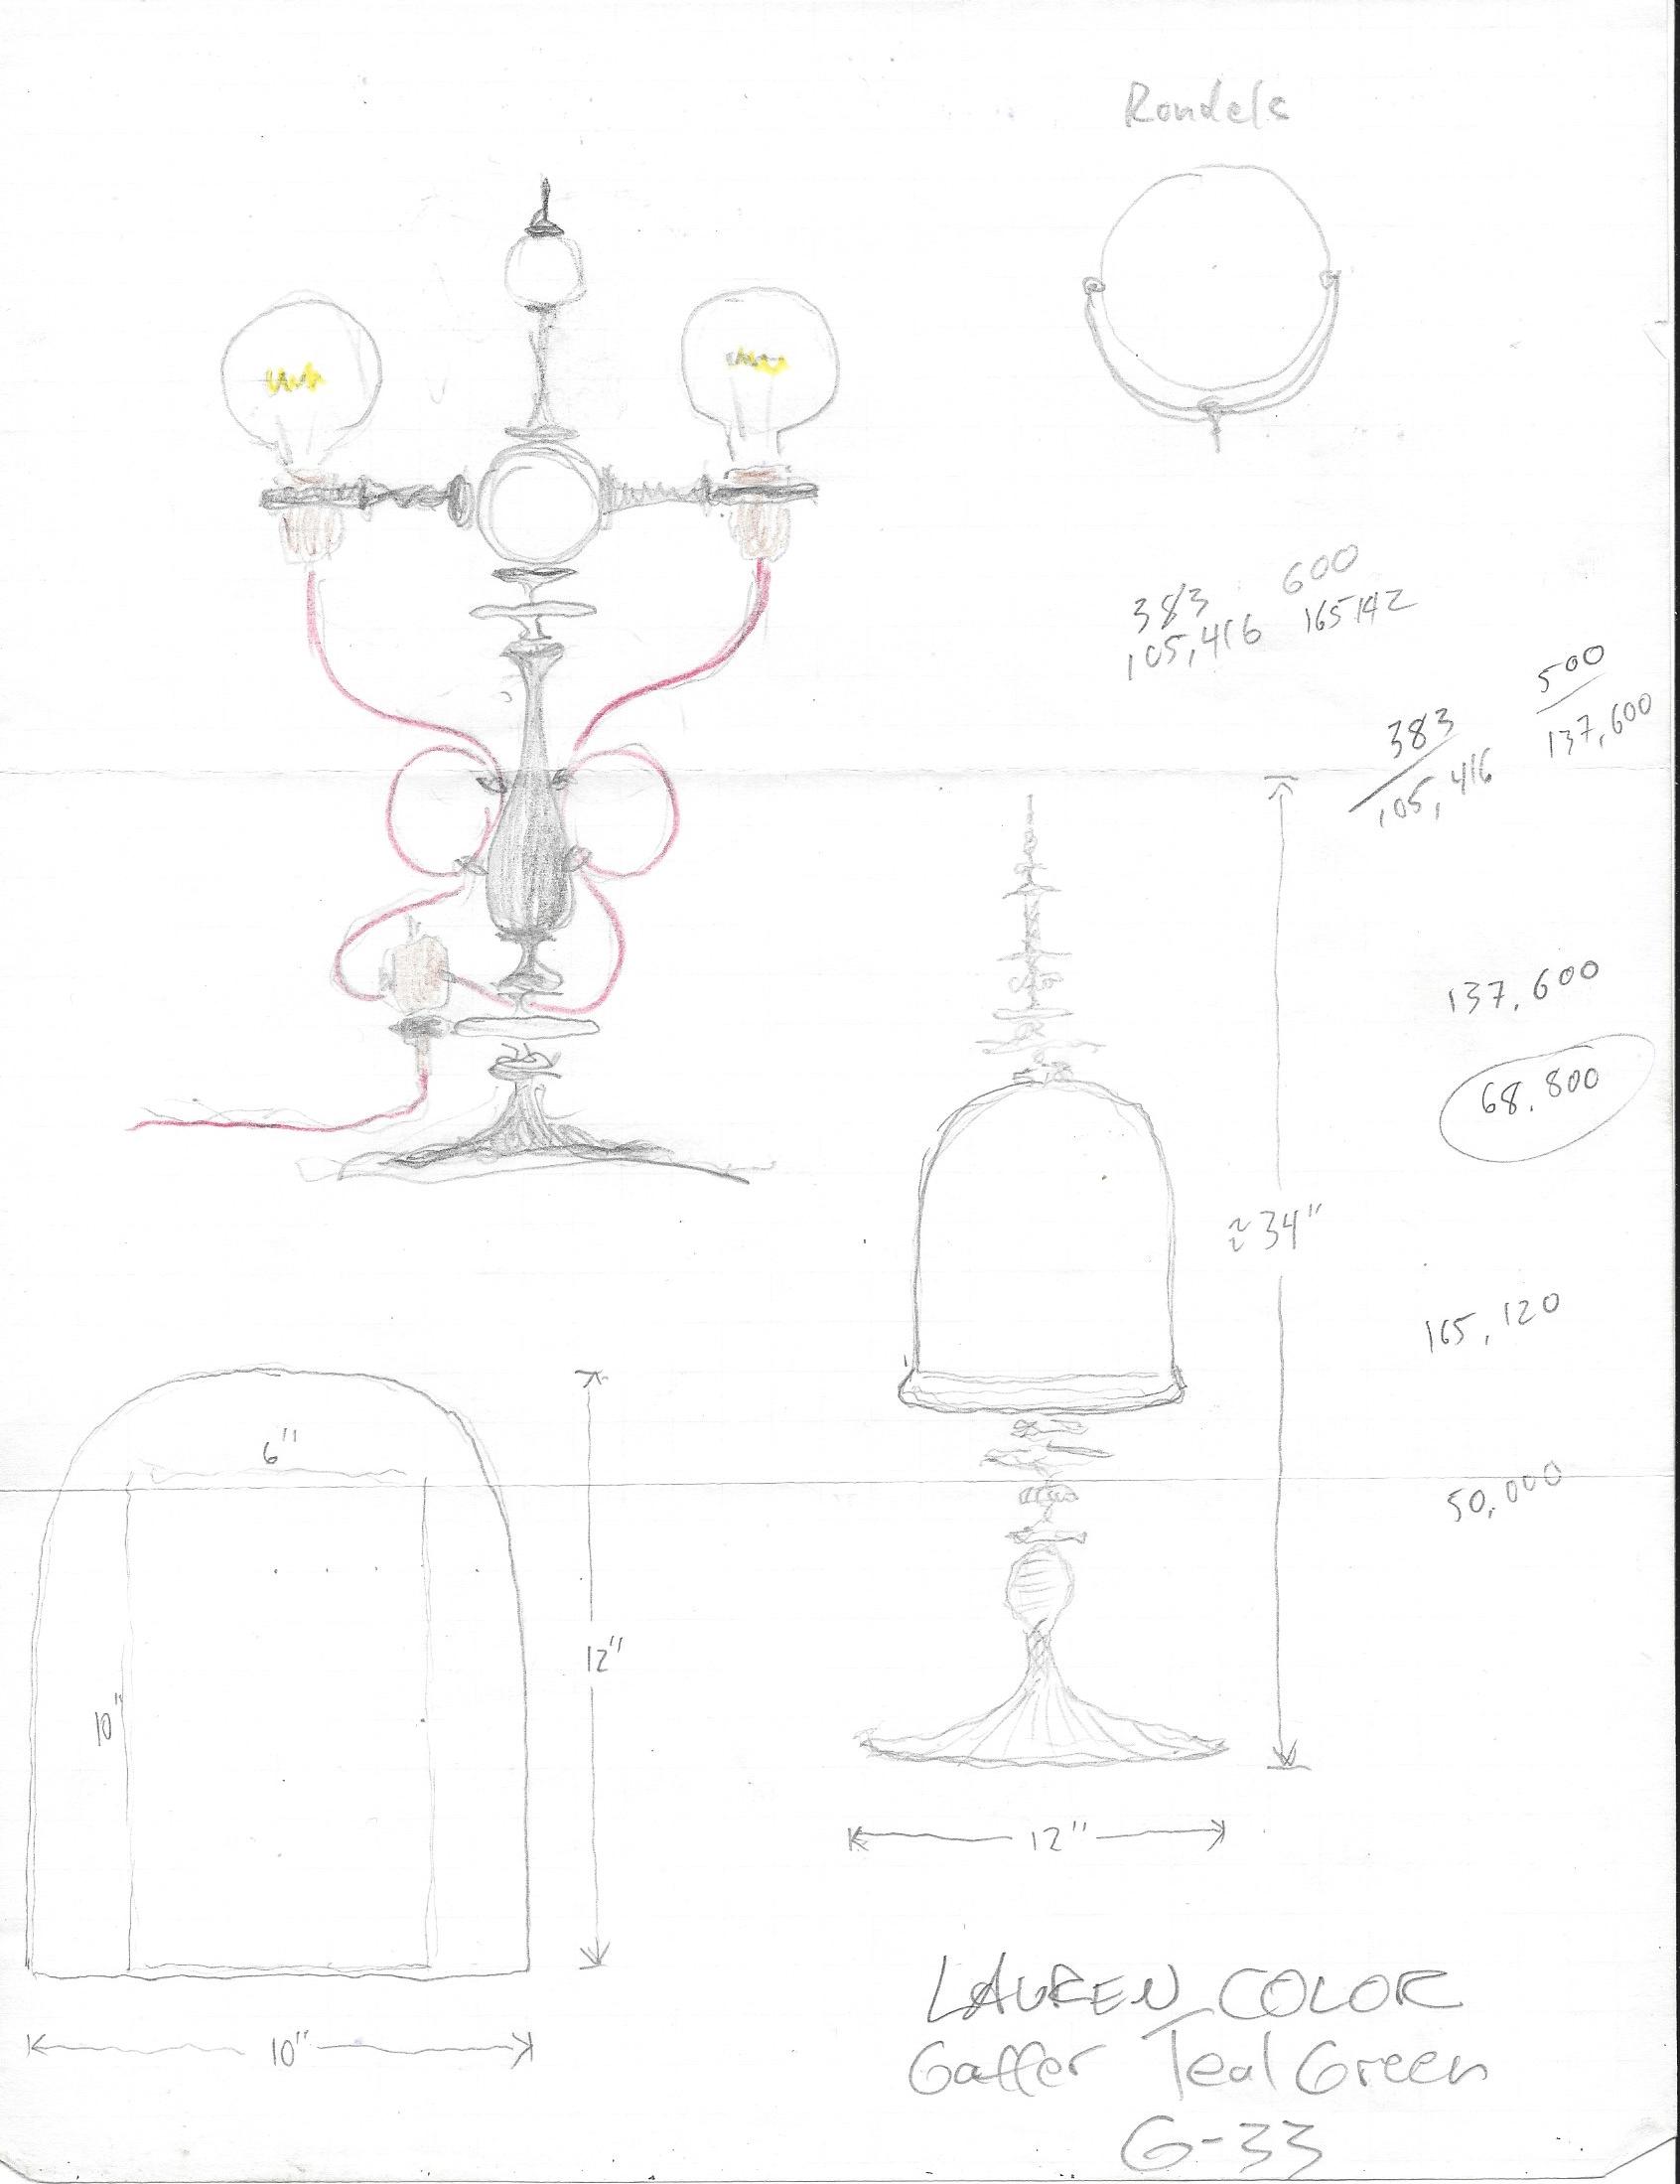 Design Document 1